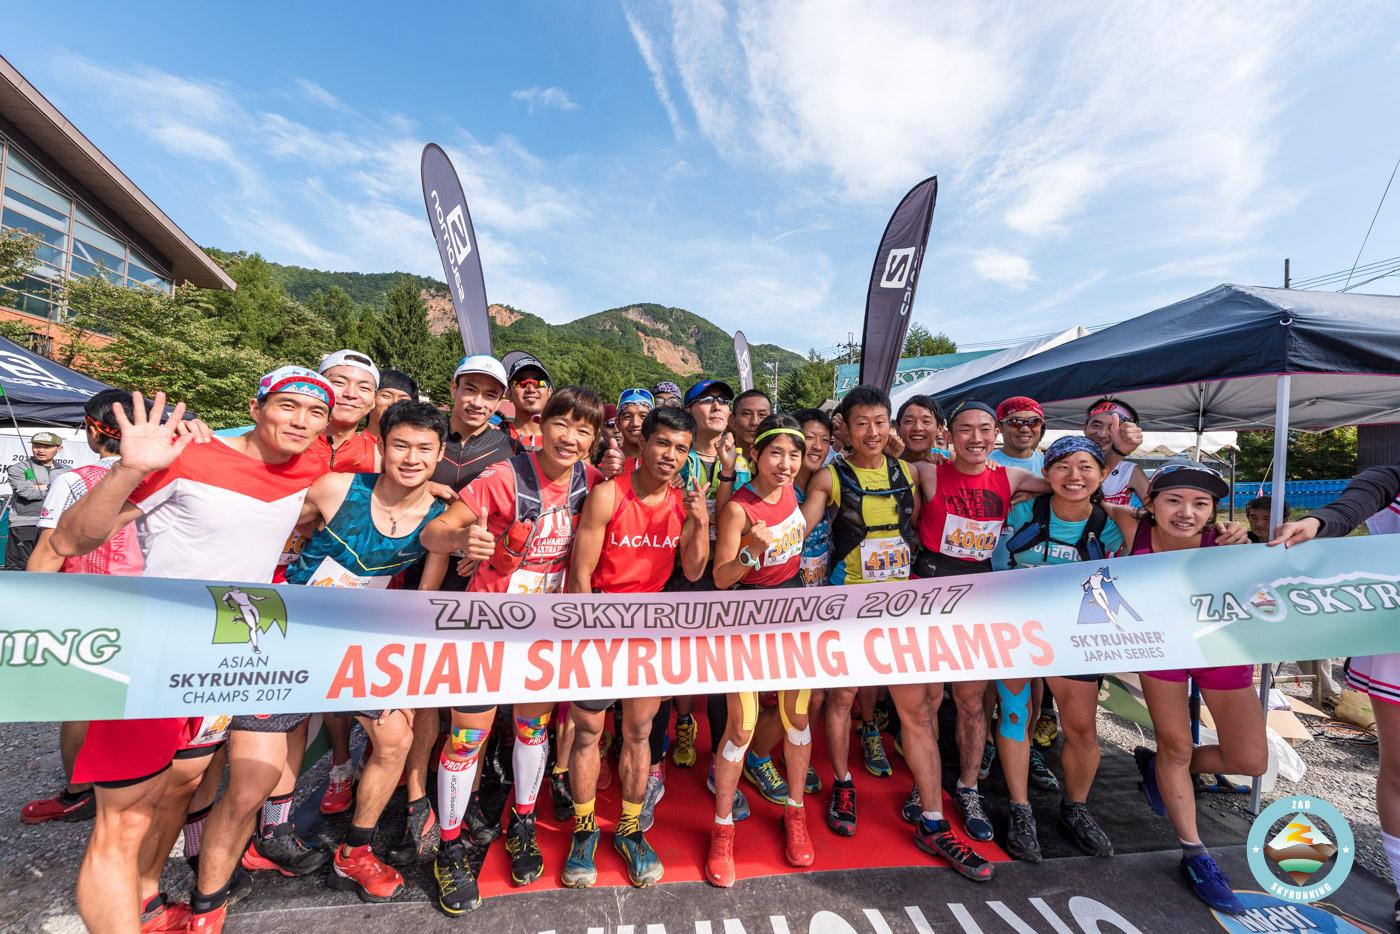 9カ国からの参加者を迎えインターナショナルなレースとなった 🄫ZAO SKYRUNNING